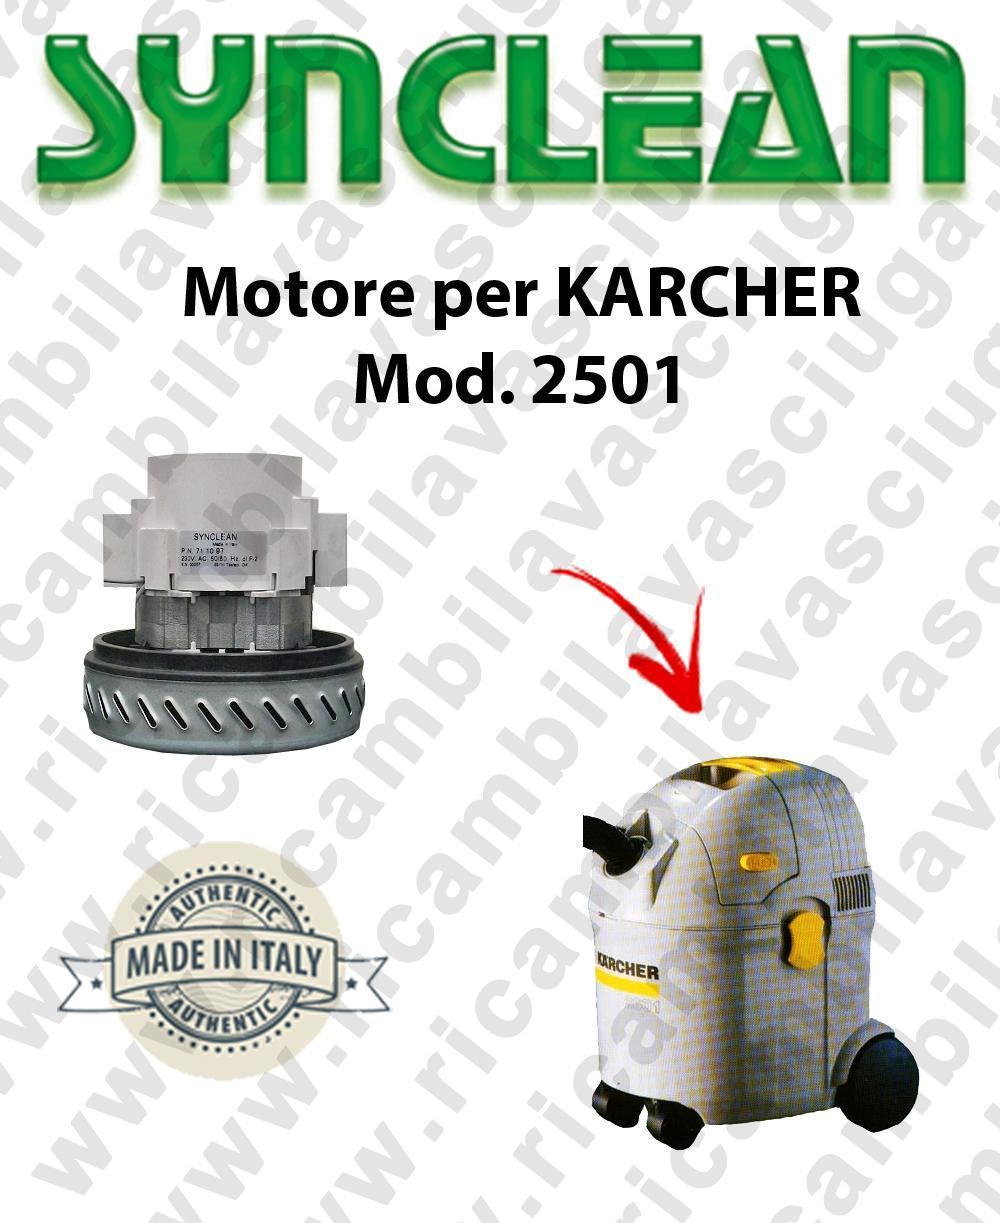 2501 Motore de aspiración AMETEK  para aspiradora KARCHER